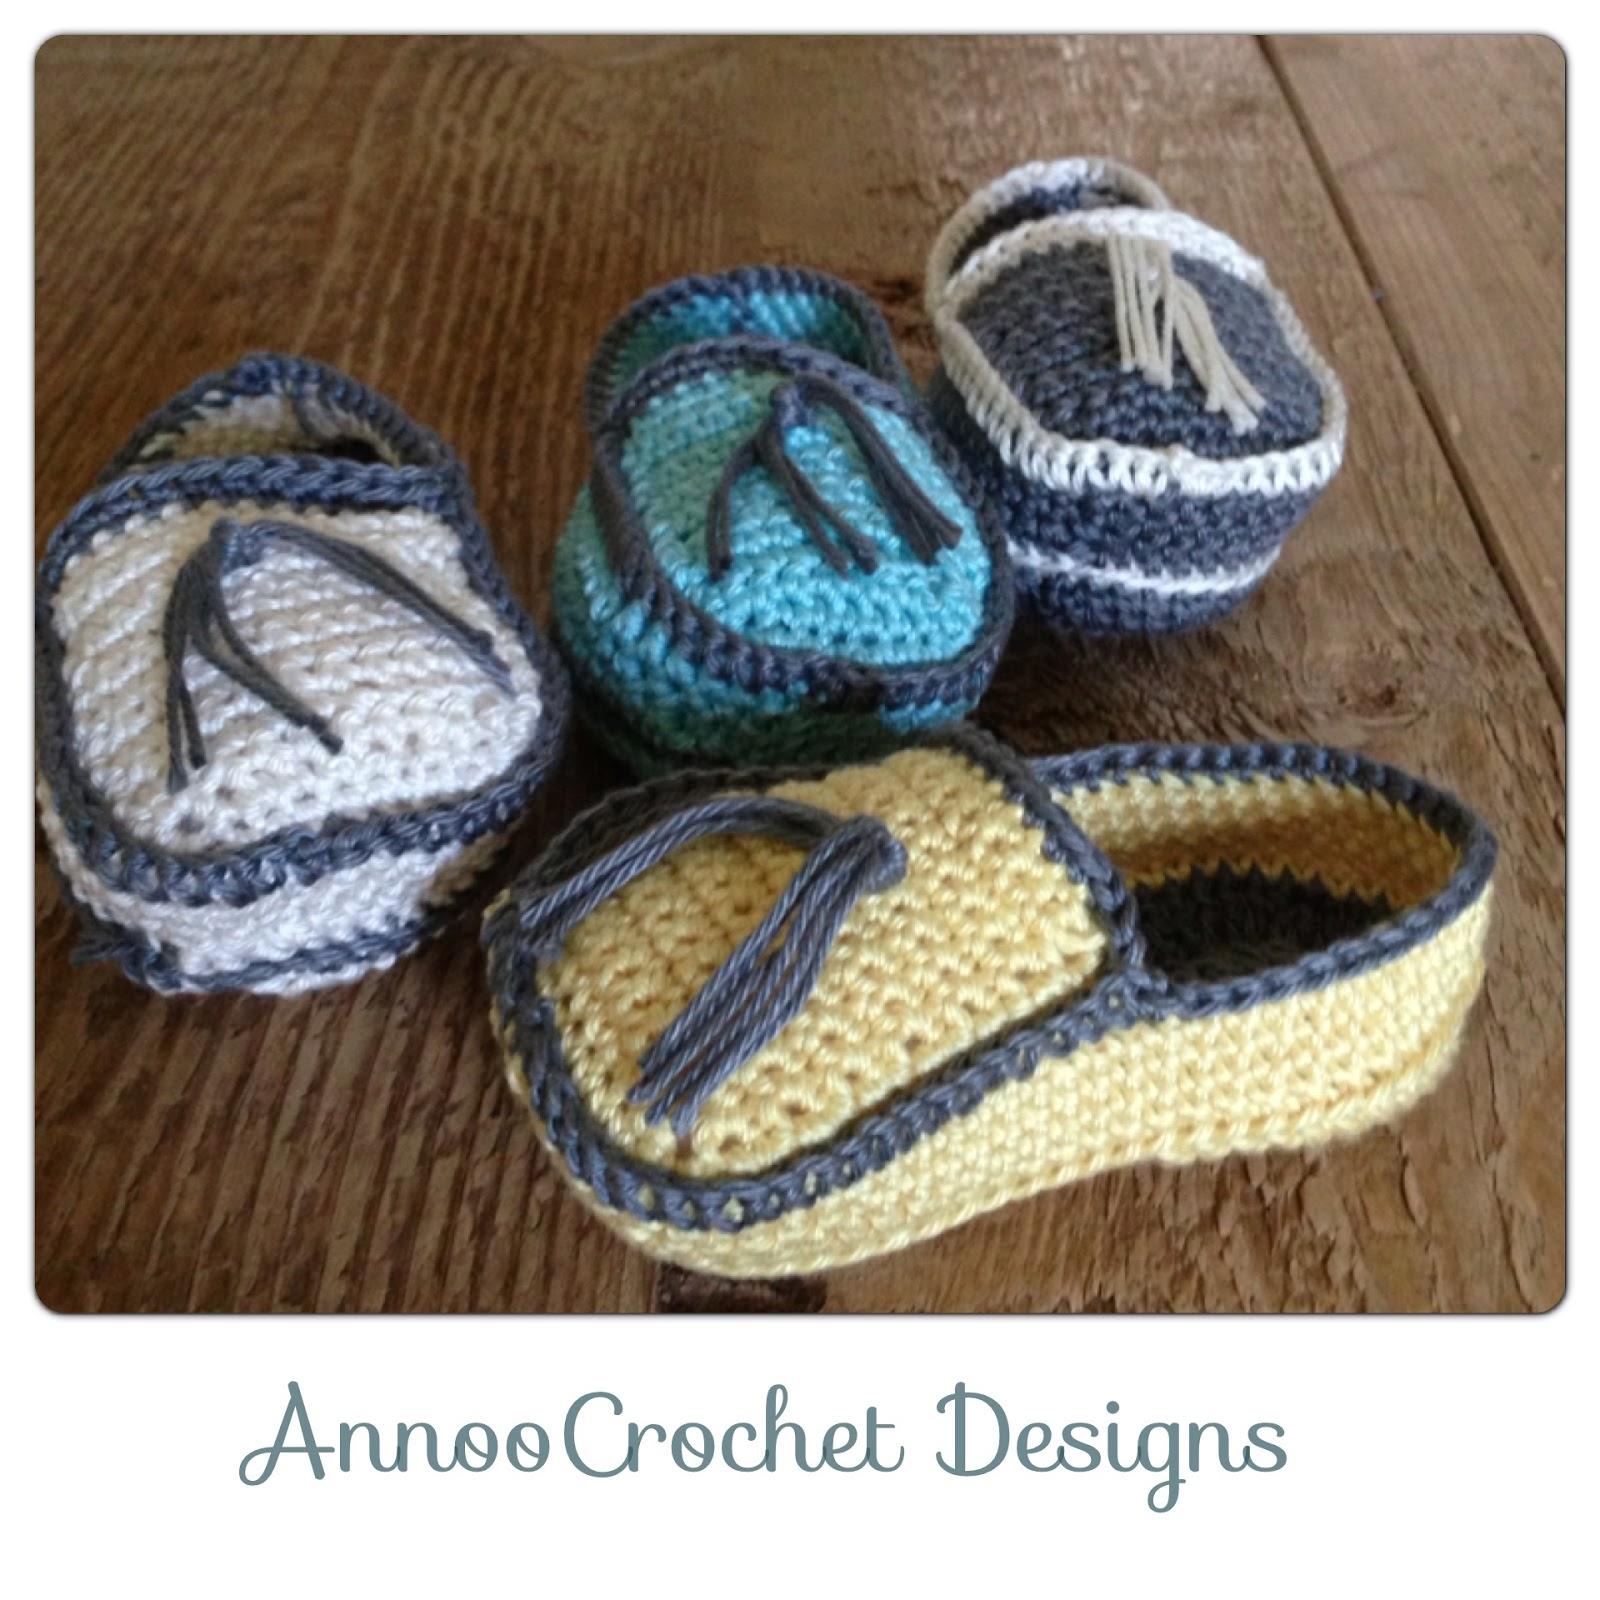 Crochet Baby Loafers Pattern Free : Baby Loafers Crochet Pattern Free